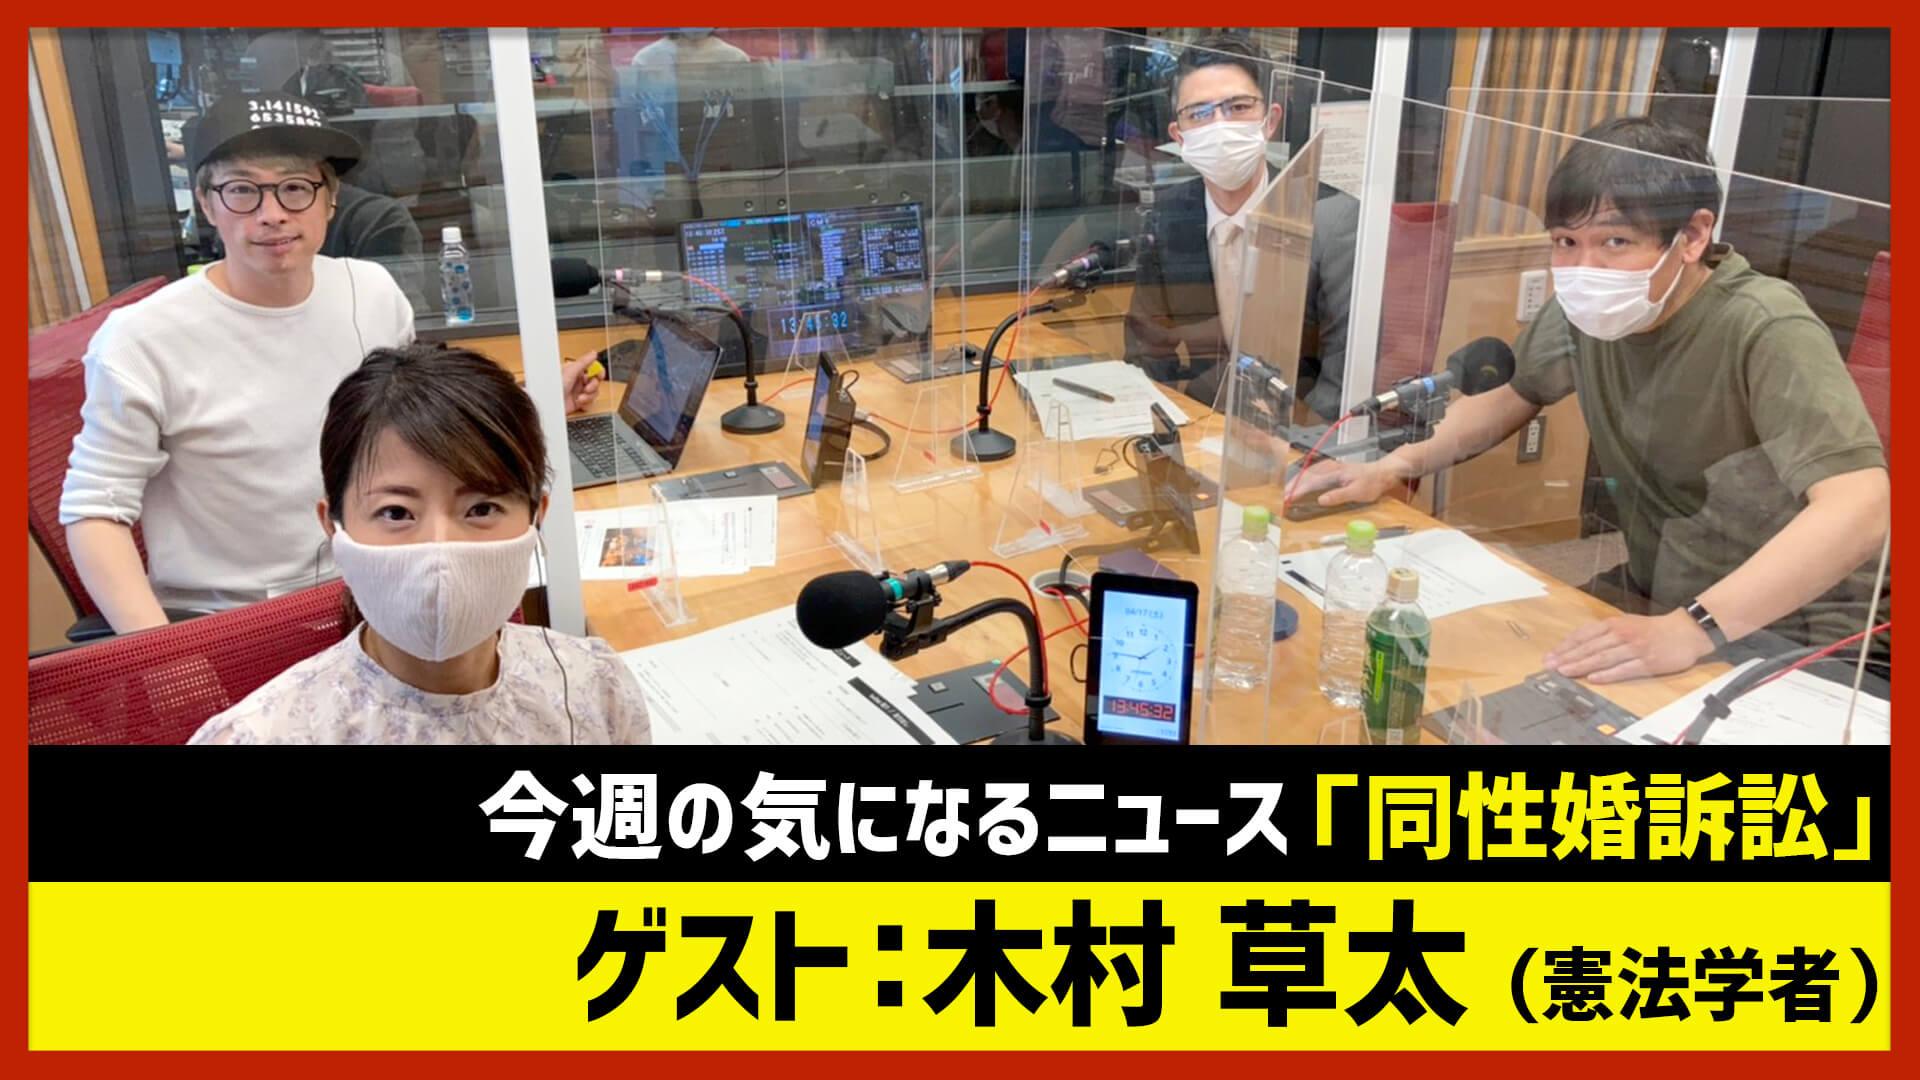 【田村淳のNewsCLUB】ゲスト: 木村草太さん(2021年4月17日前半)